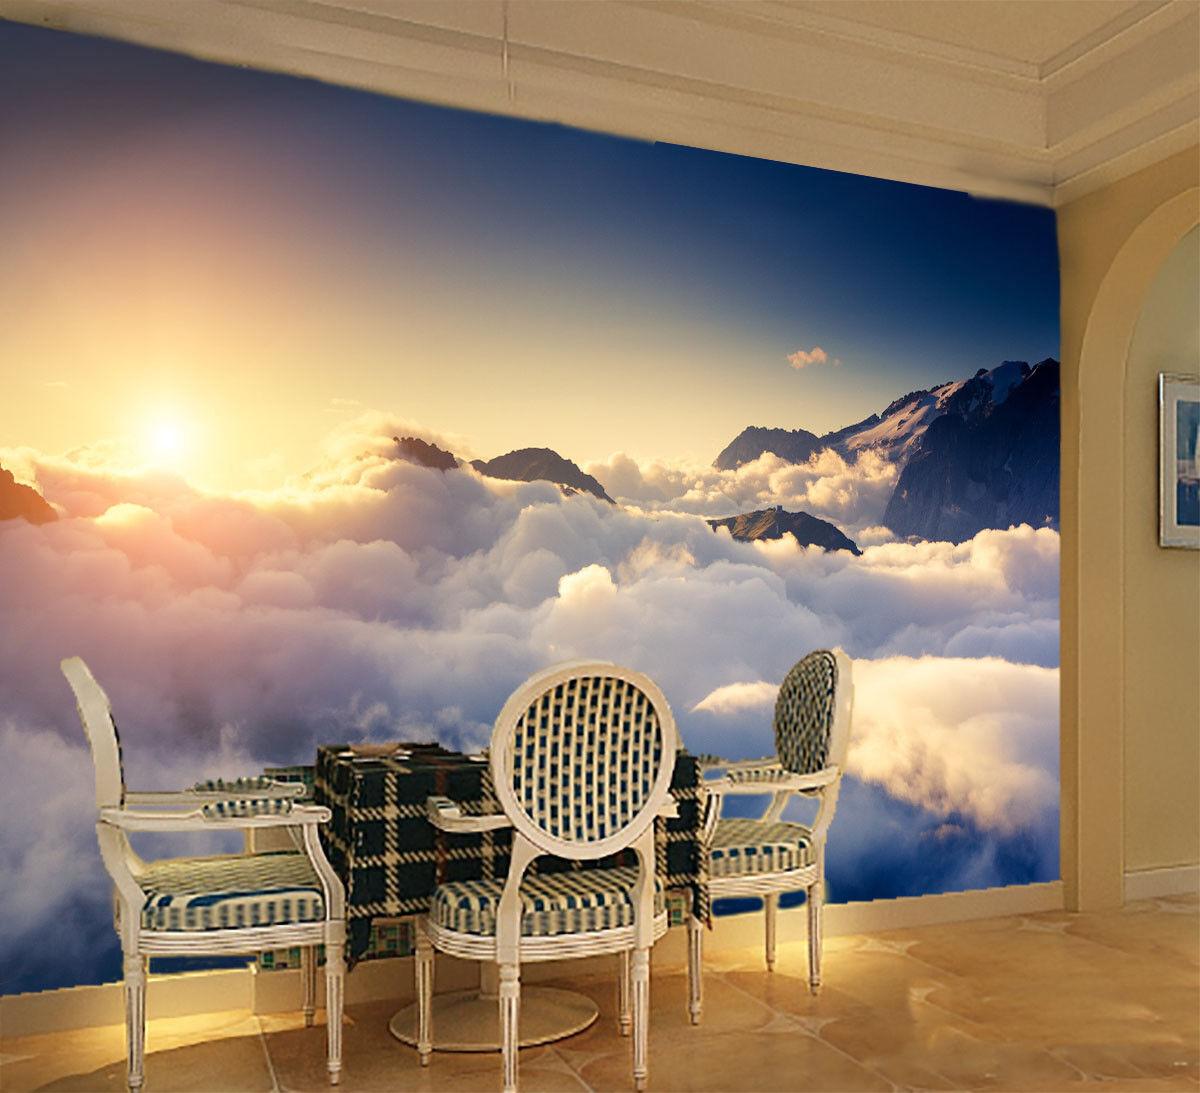 Papel Pintado Mural De Vellón Vellón De Pico Nubes Sol 125 Paisaje Fondo De Pantalla ES AJ cefcd1